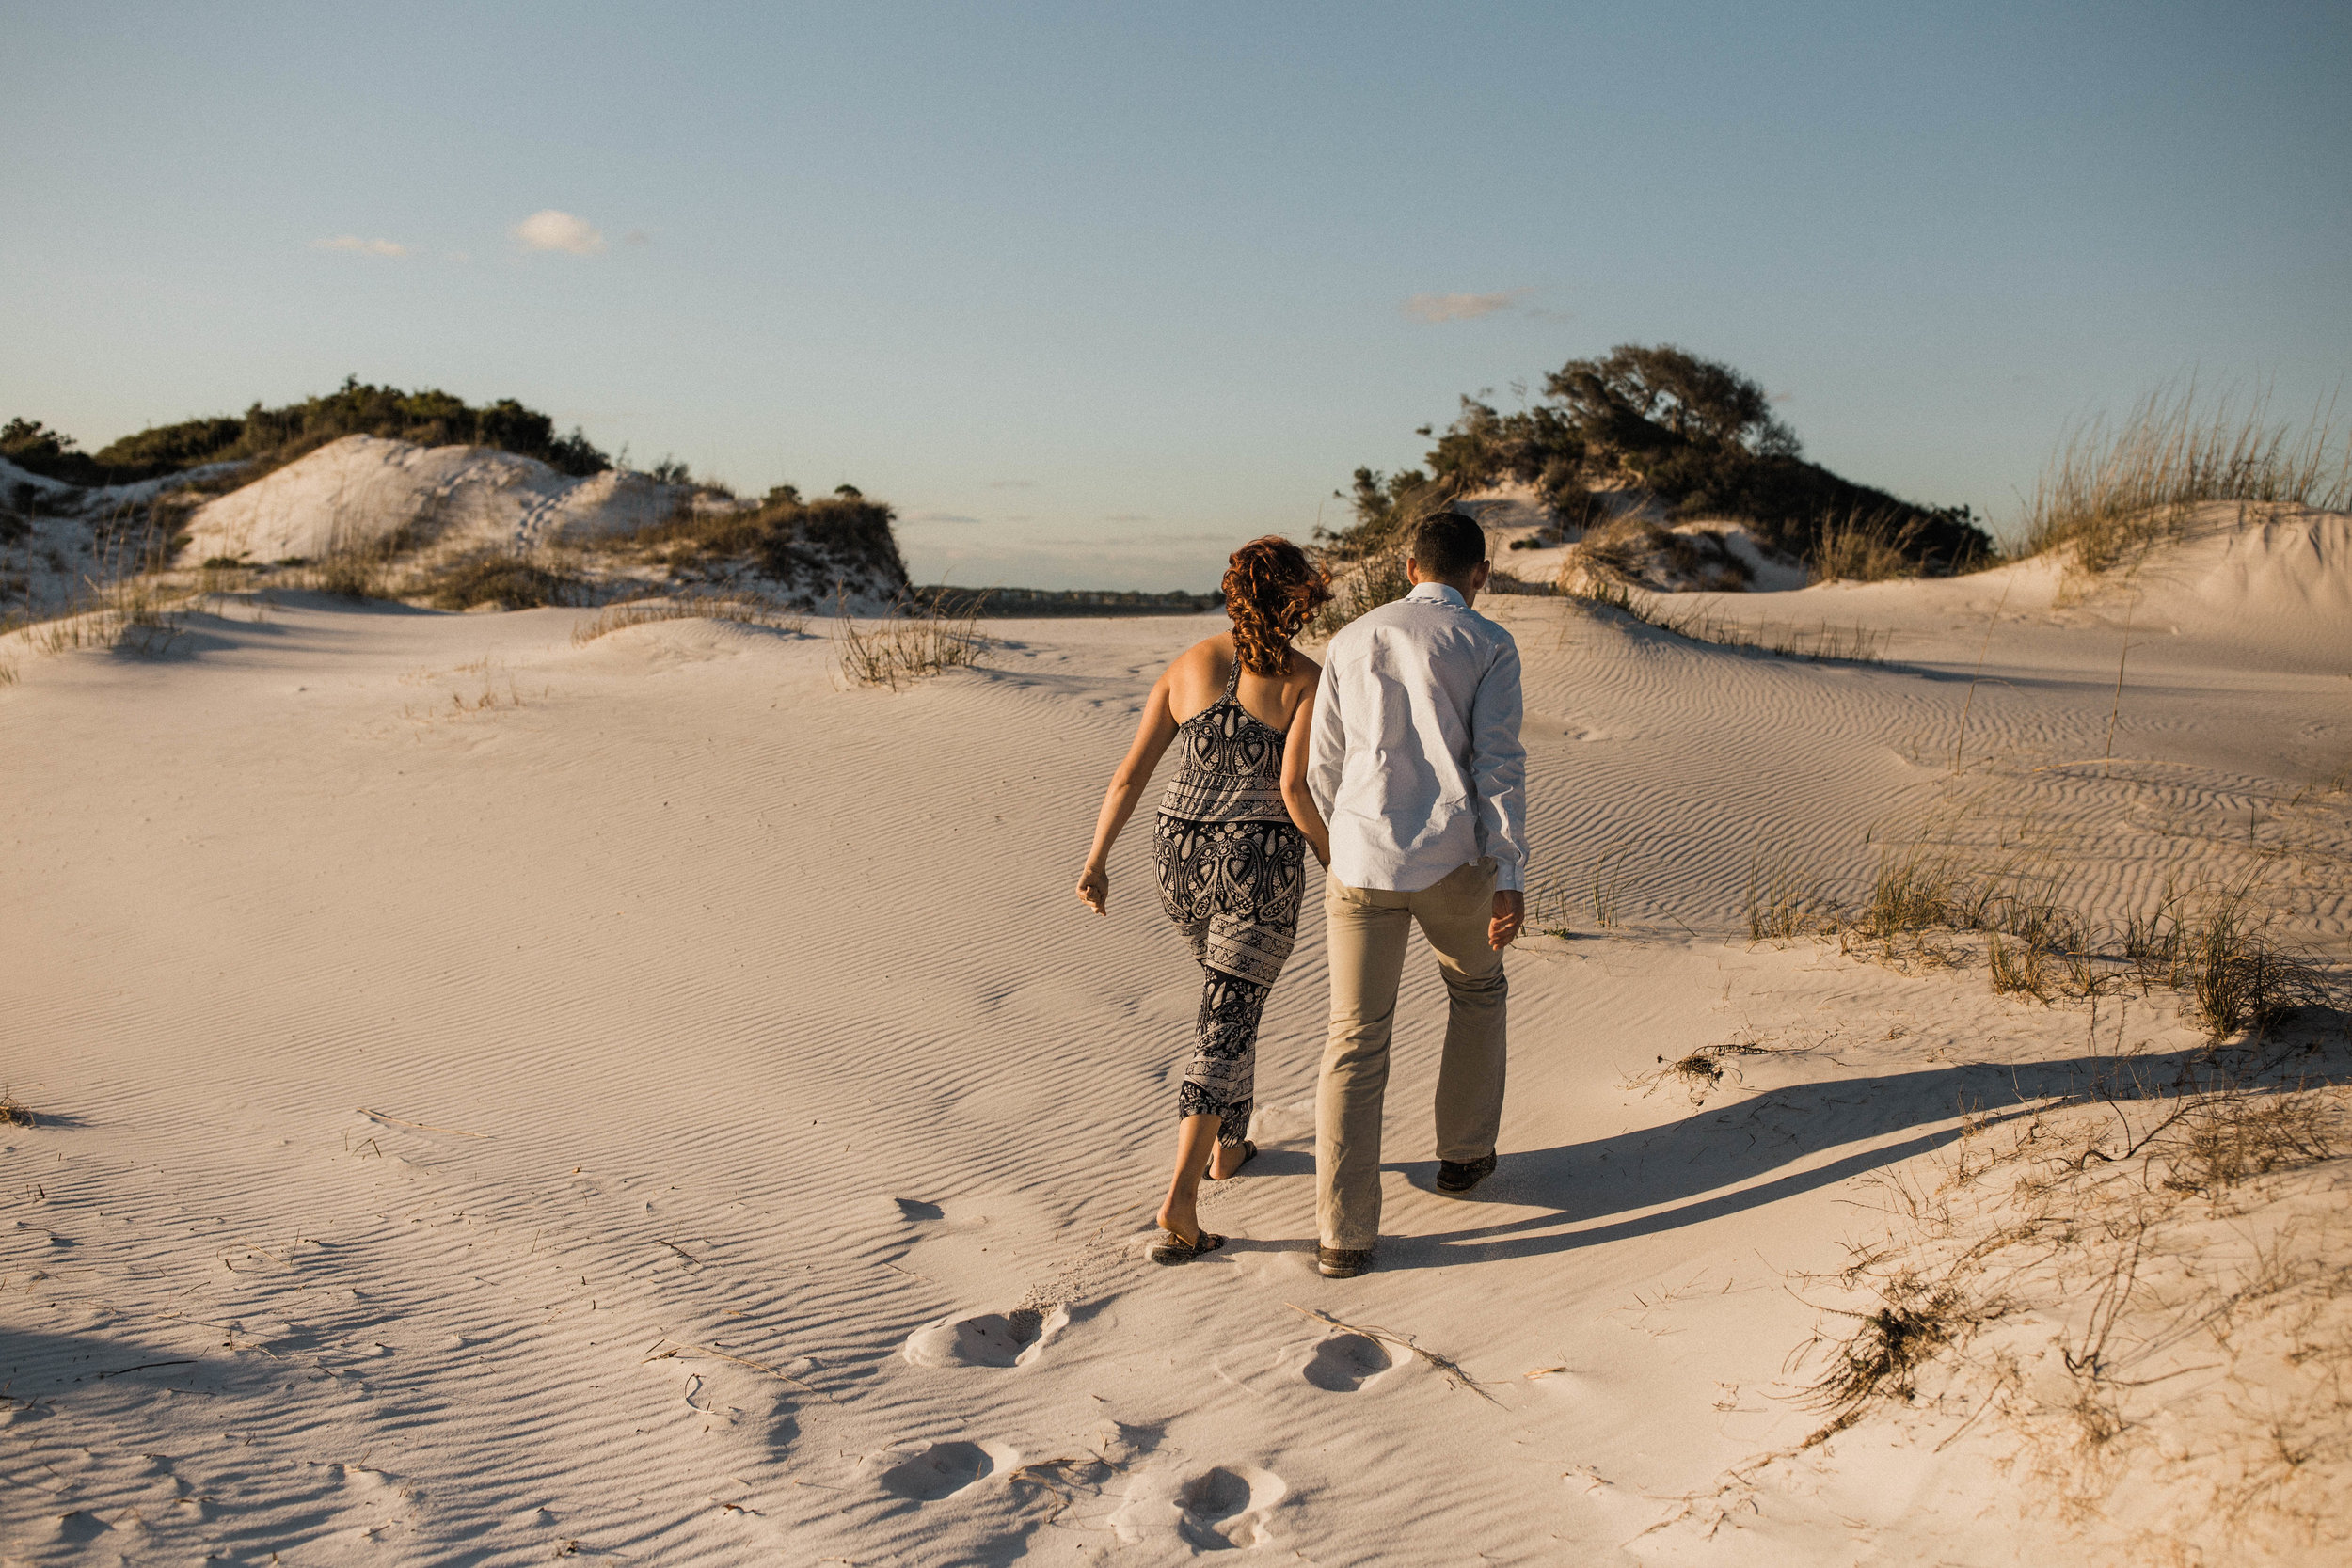 Pensacola-wedding-and-engagment-photographer-florida-sand-dunes-elopement-photographer-desert-sand-dunes-elopement-east-coast-elopement-photographer-sand-dunes-engagement-session